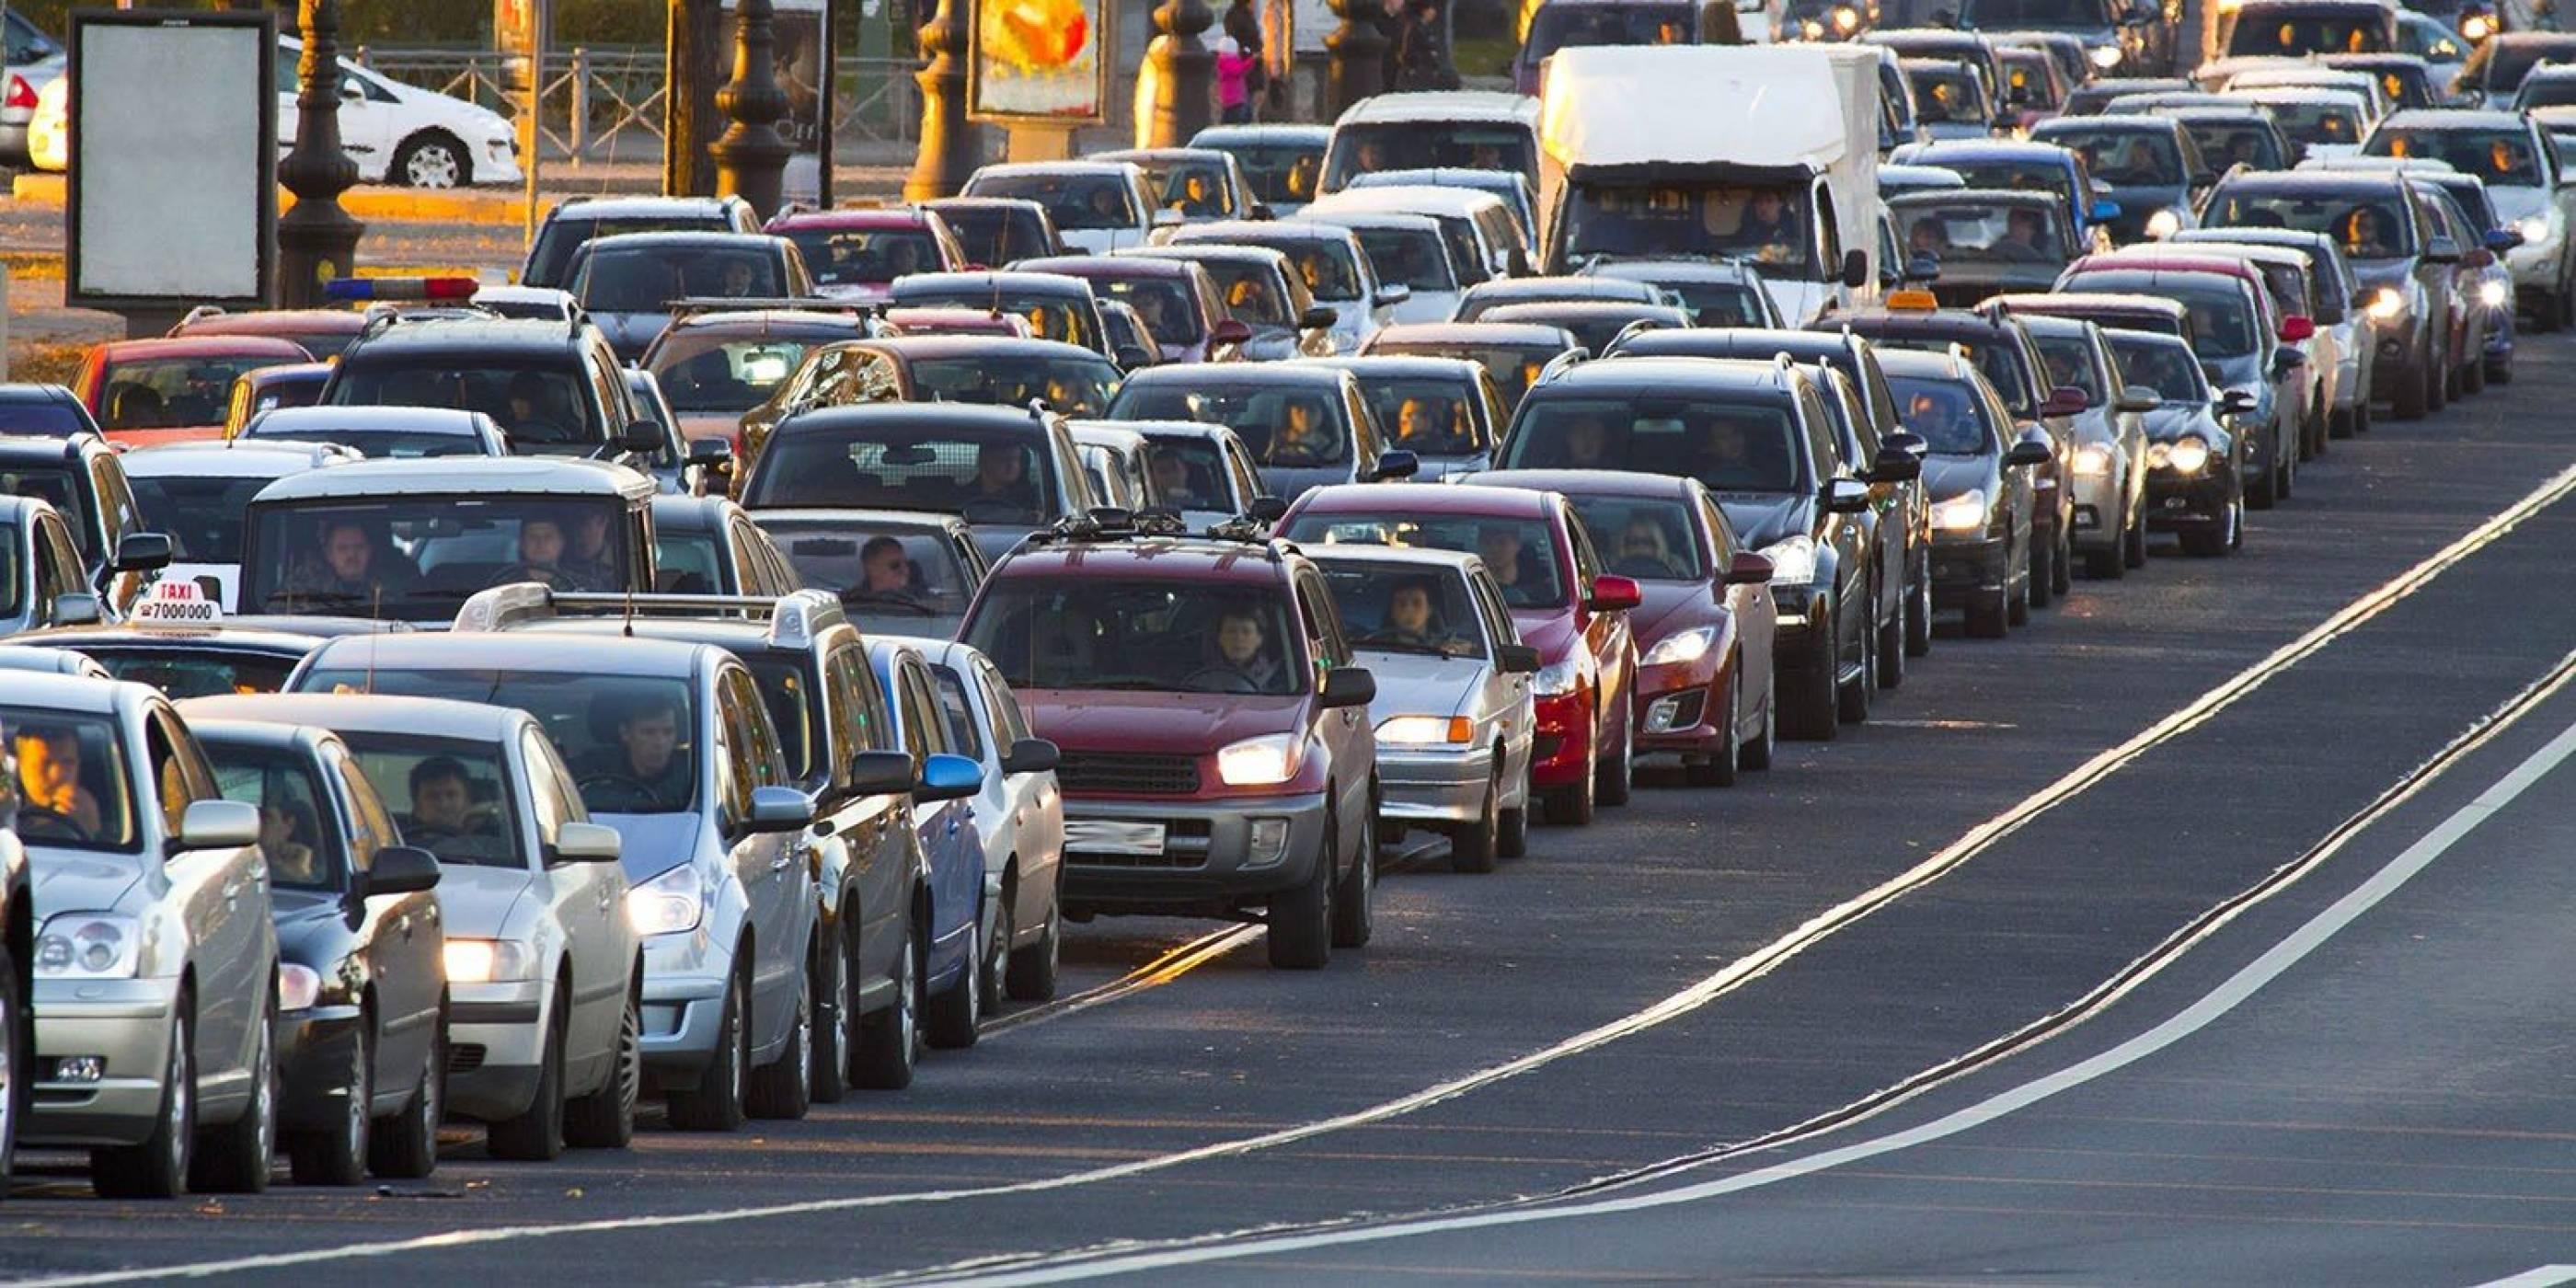 Изненада: Uber и Lyft виновни за задръстванията в градовете